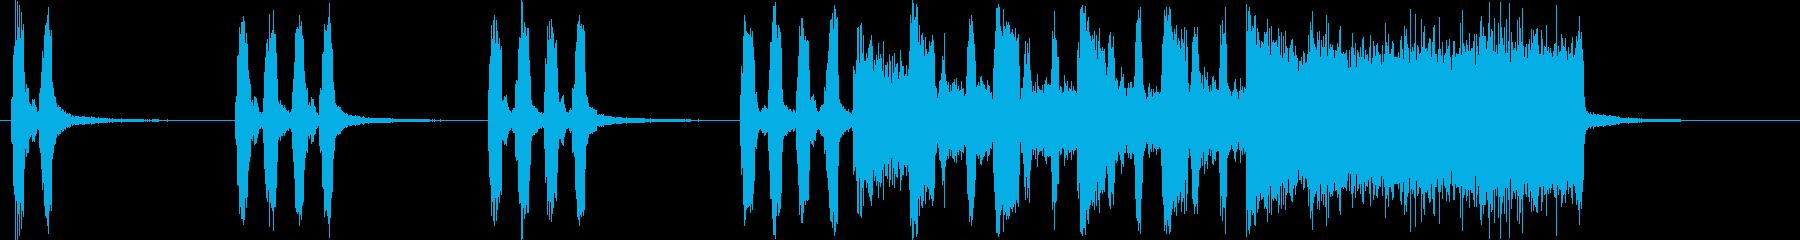 コミカルなシンセ・木琴など短めサウンドの再生済みの波形